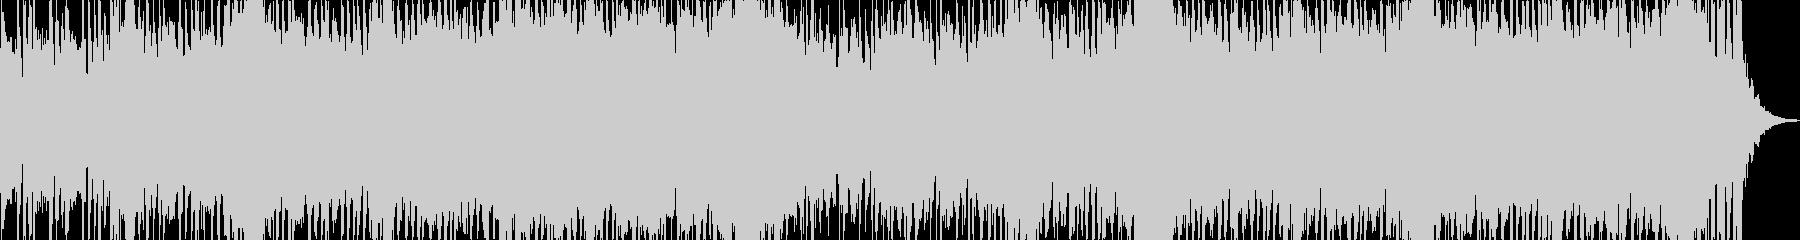 映画・ゲーム用バトルBGM26の未再生の波形